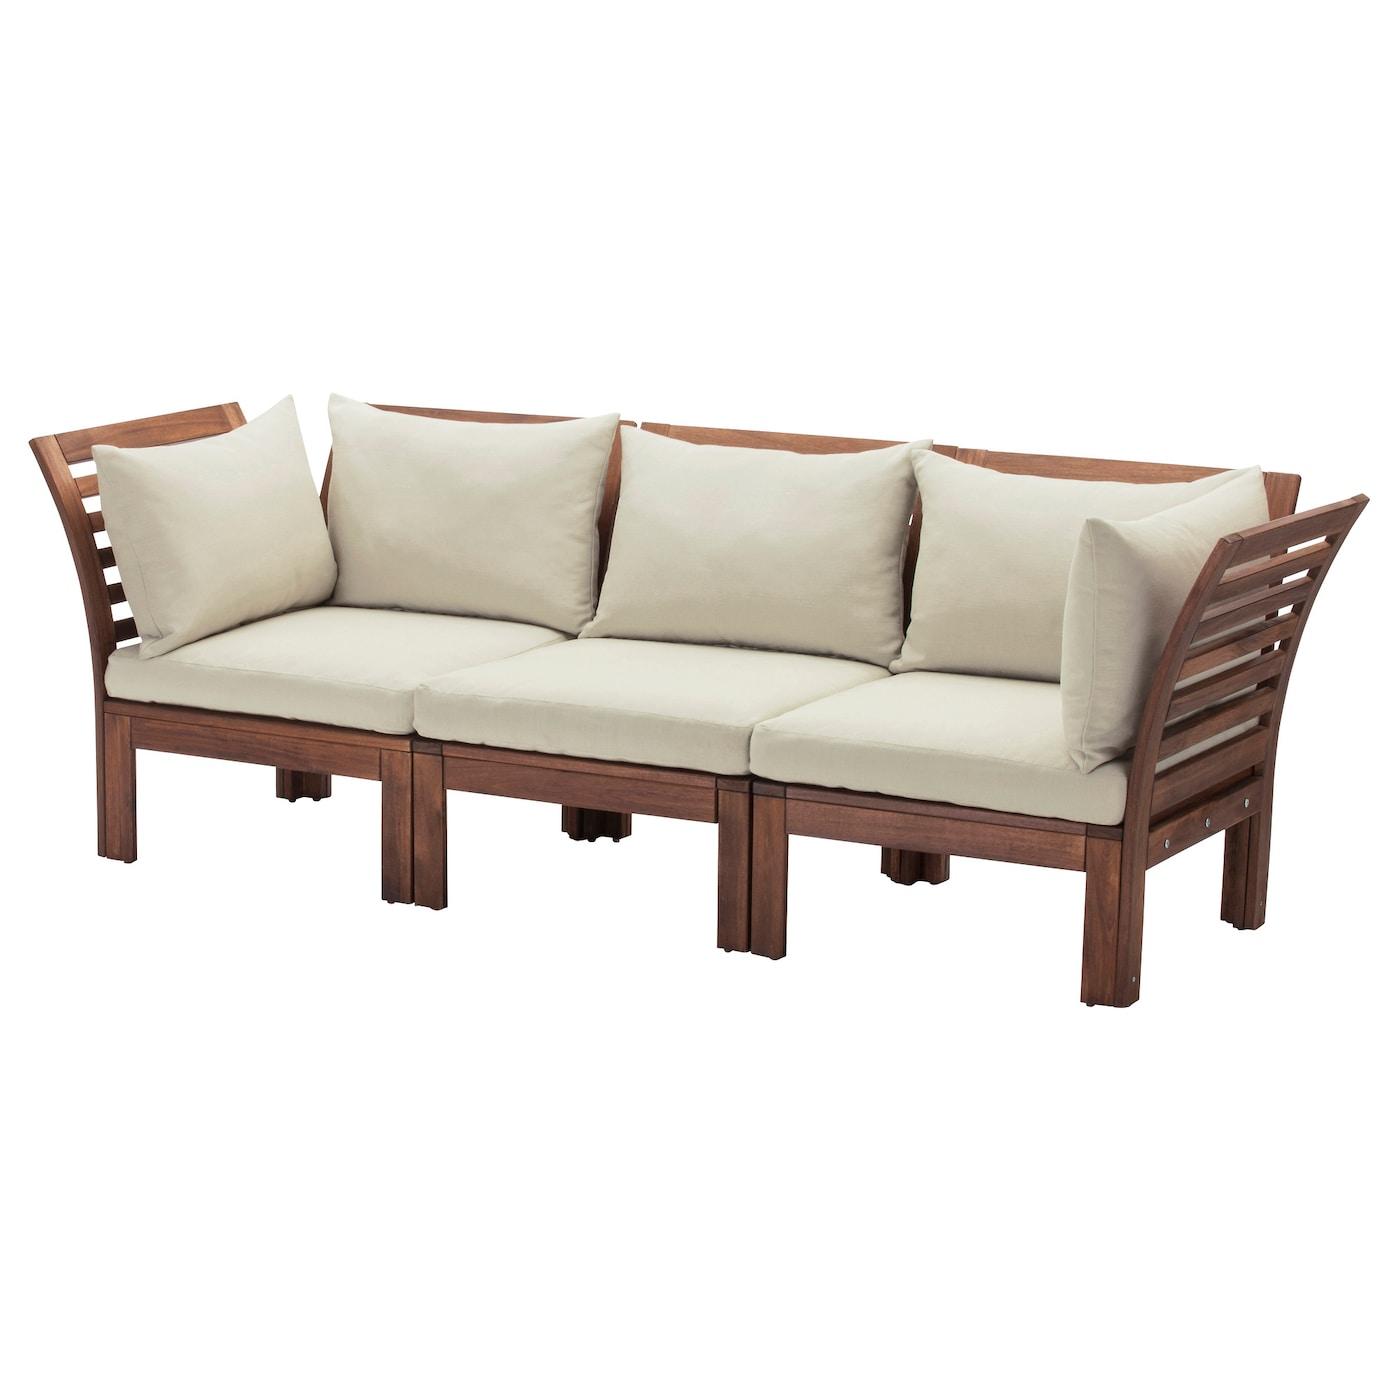 Ikea ÄpplarÖ 3 Seat Modular Sofa Outdoor